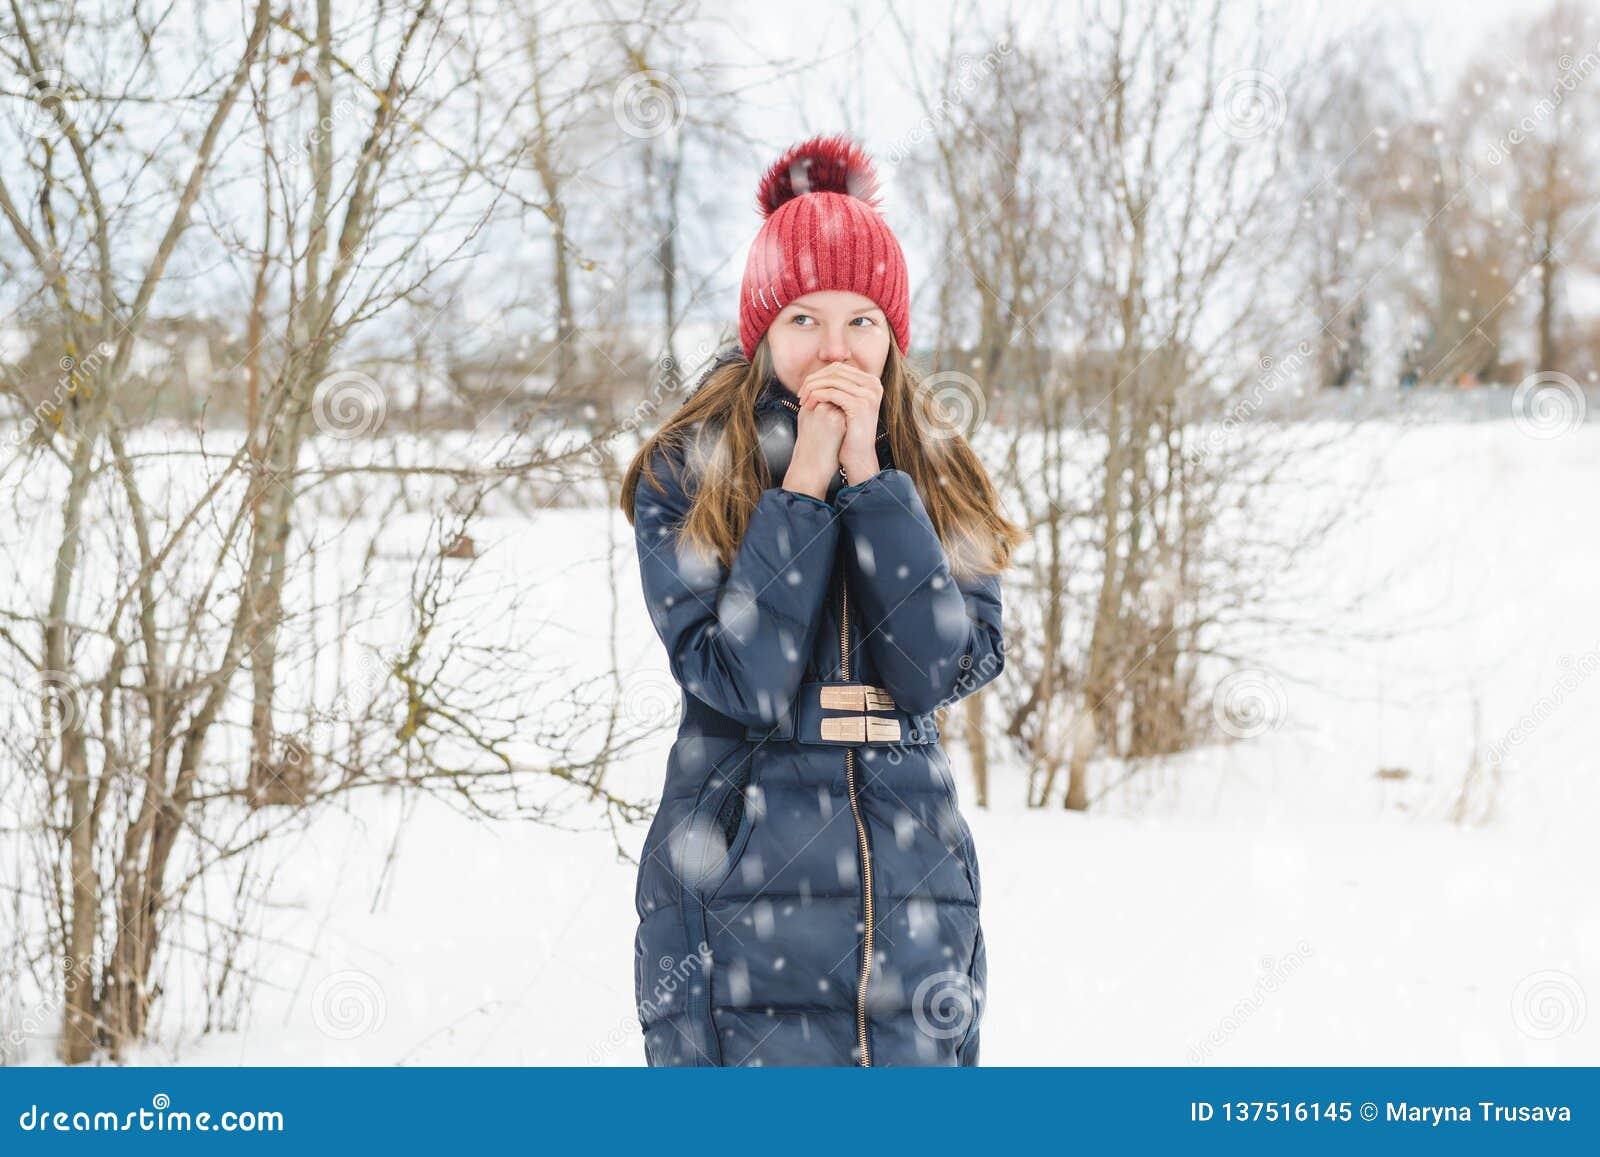 La giovane bella ragazza bionda respira sulle sue mani per riscaldarle nel parco sotto neve lanuginosa molle